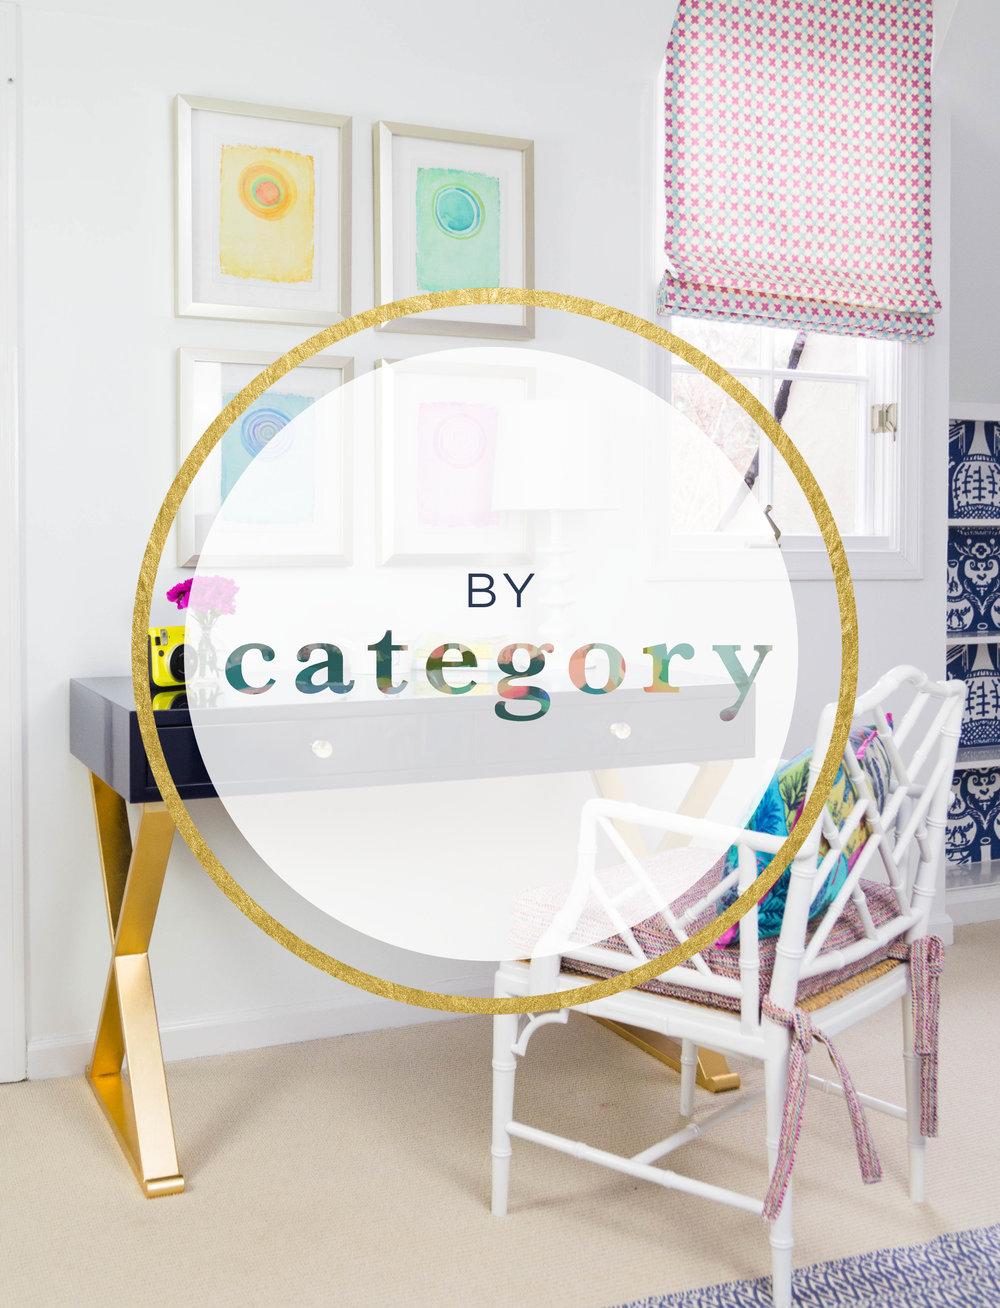 bycategory.jpg